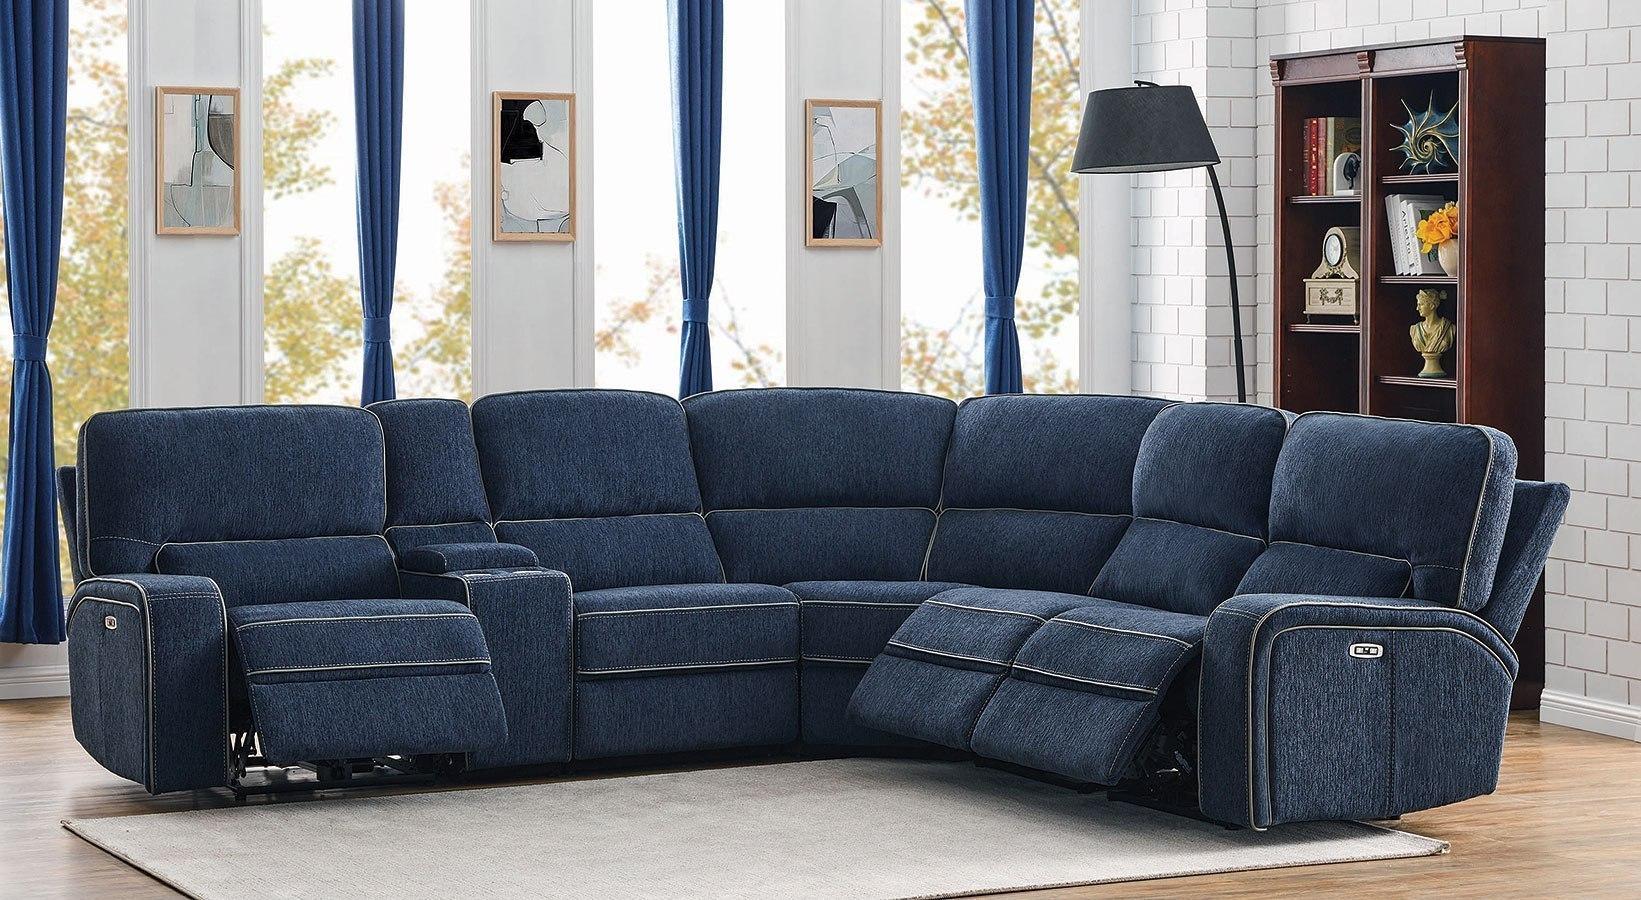 dundee modular power reclining sectional w power headrests navy blue